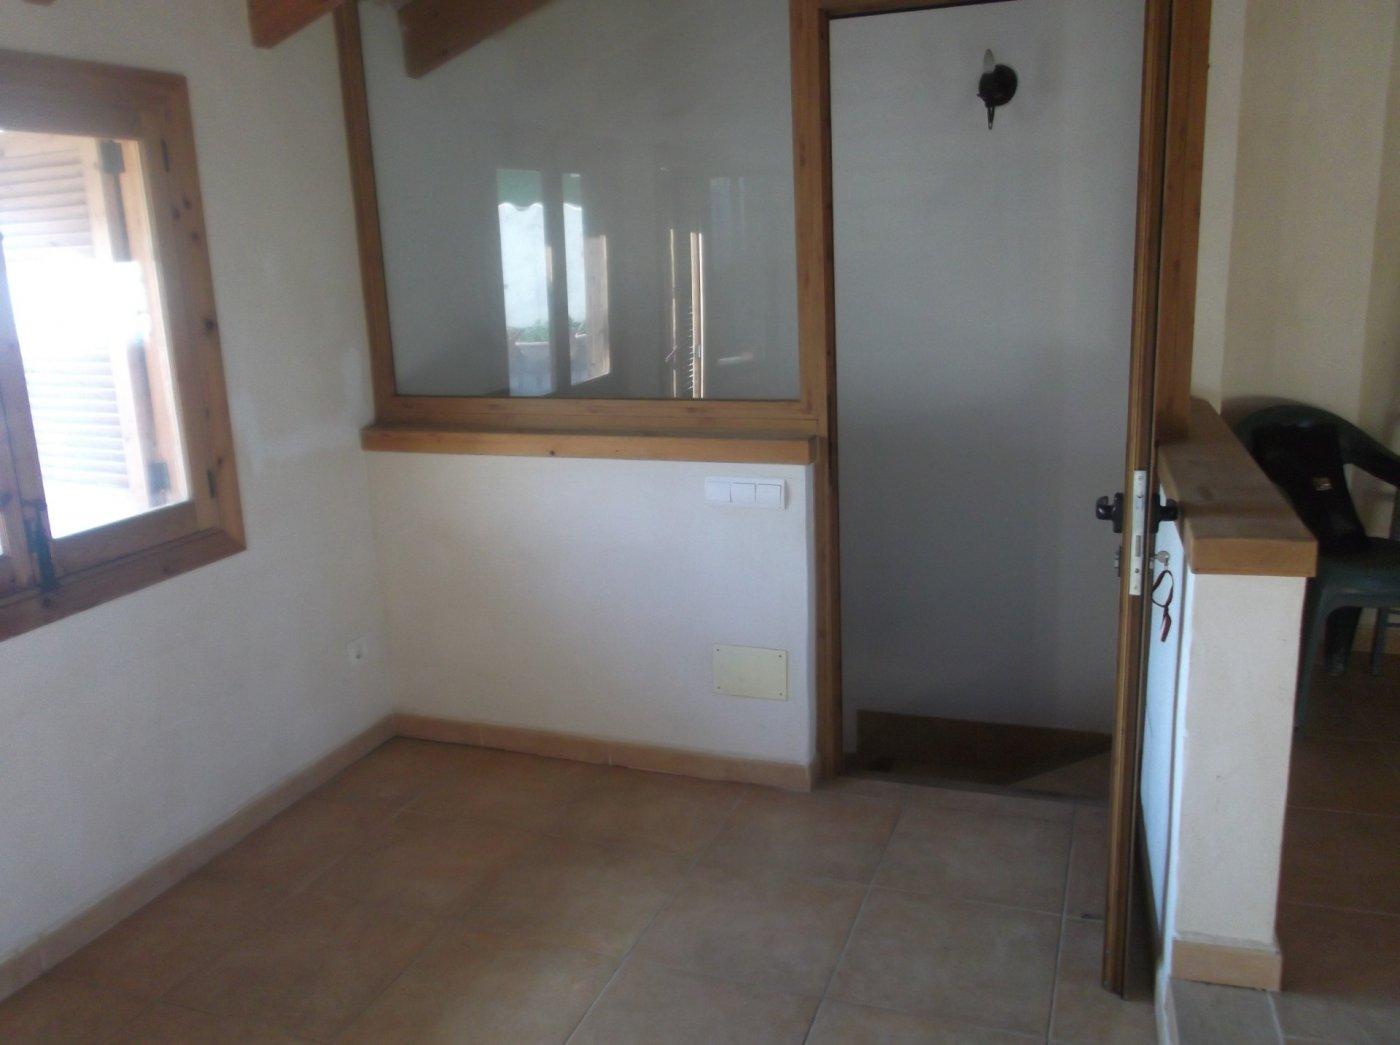 En venta casa de pueblo reformada 3 alturas estilo mallorquin centro llucmajor - imagenInmueble8